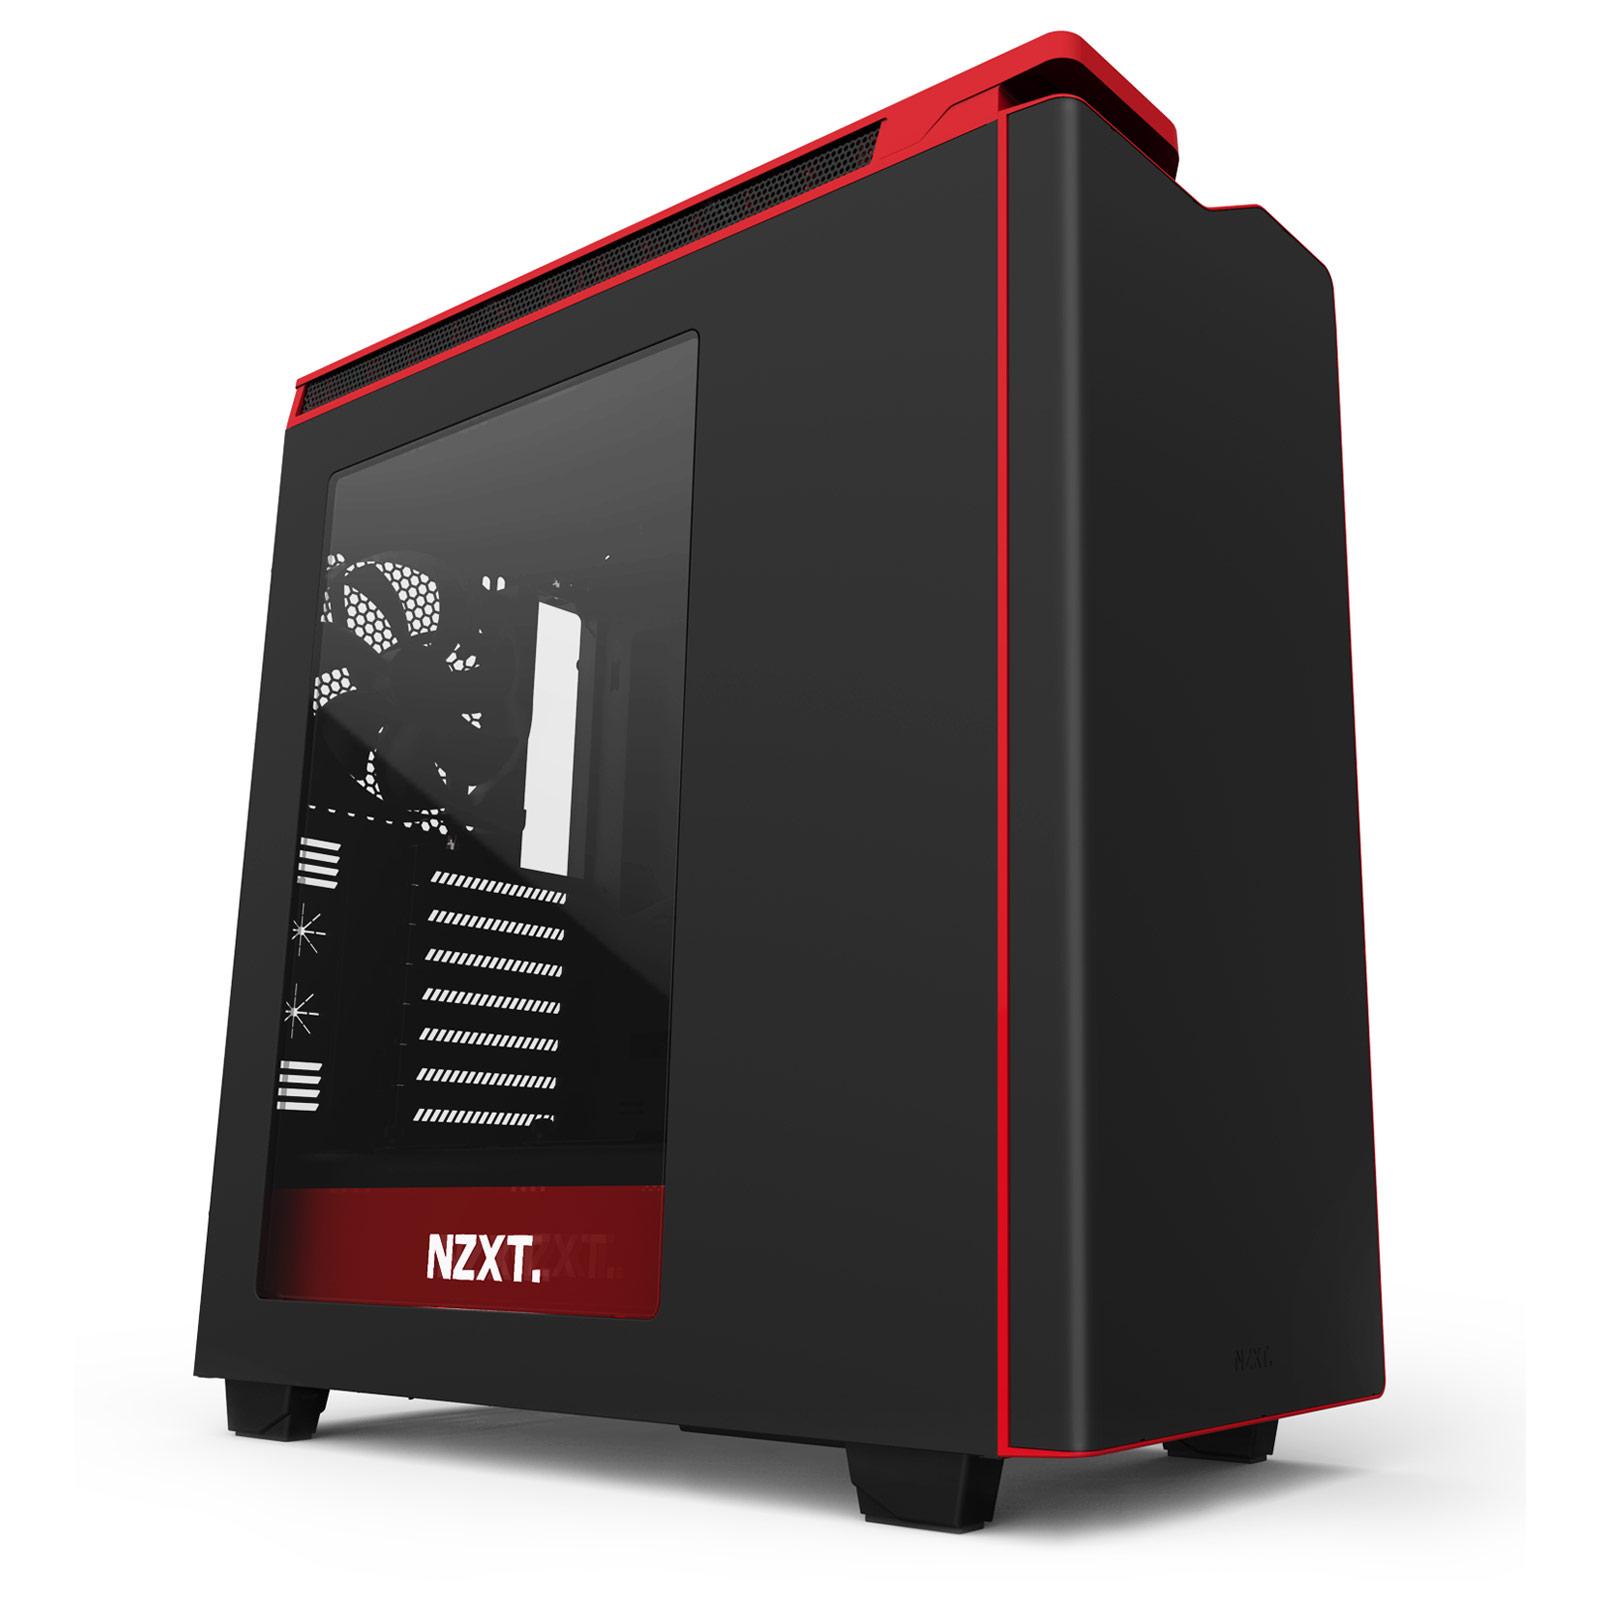 Boîtier PC NZXT H440 (noir/rouge) Boîtier moyen tour avec fenêtre latérale